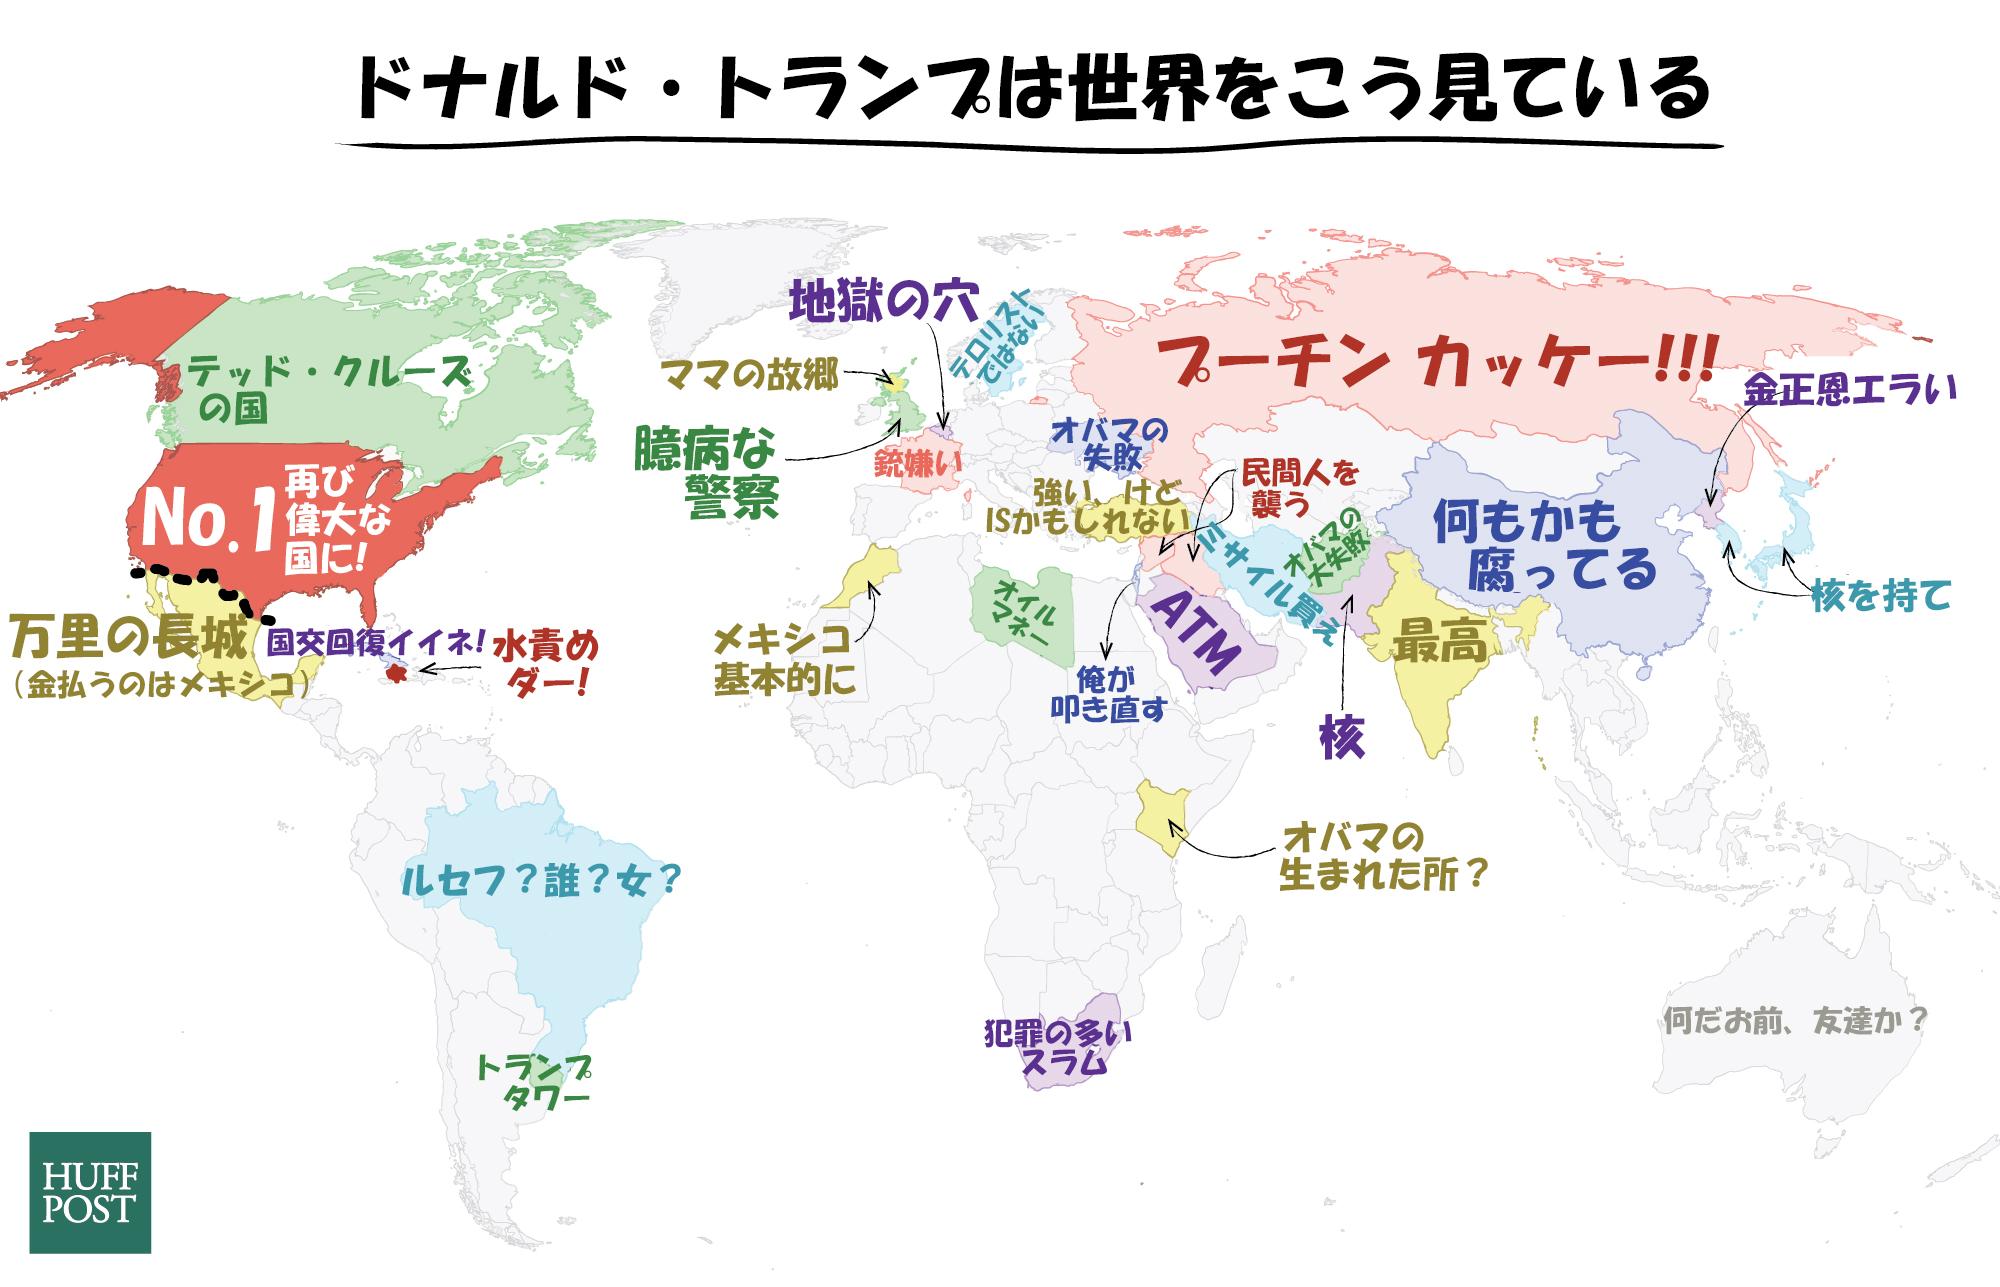 ドナルドトランプ氏の世界地図はこうなっている画像